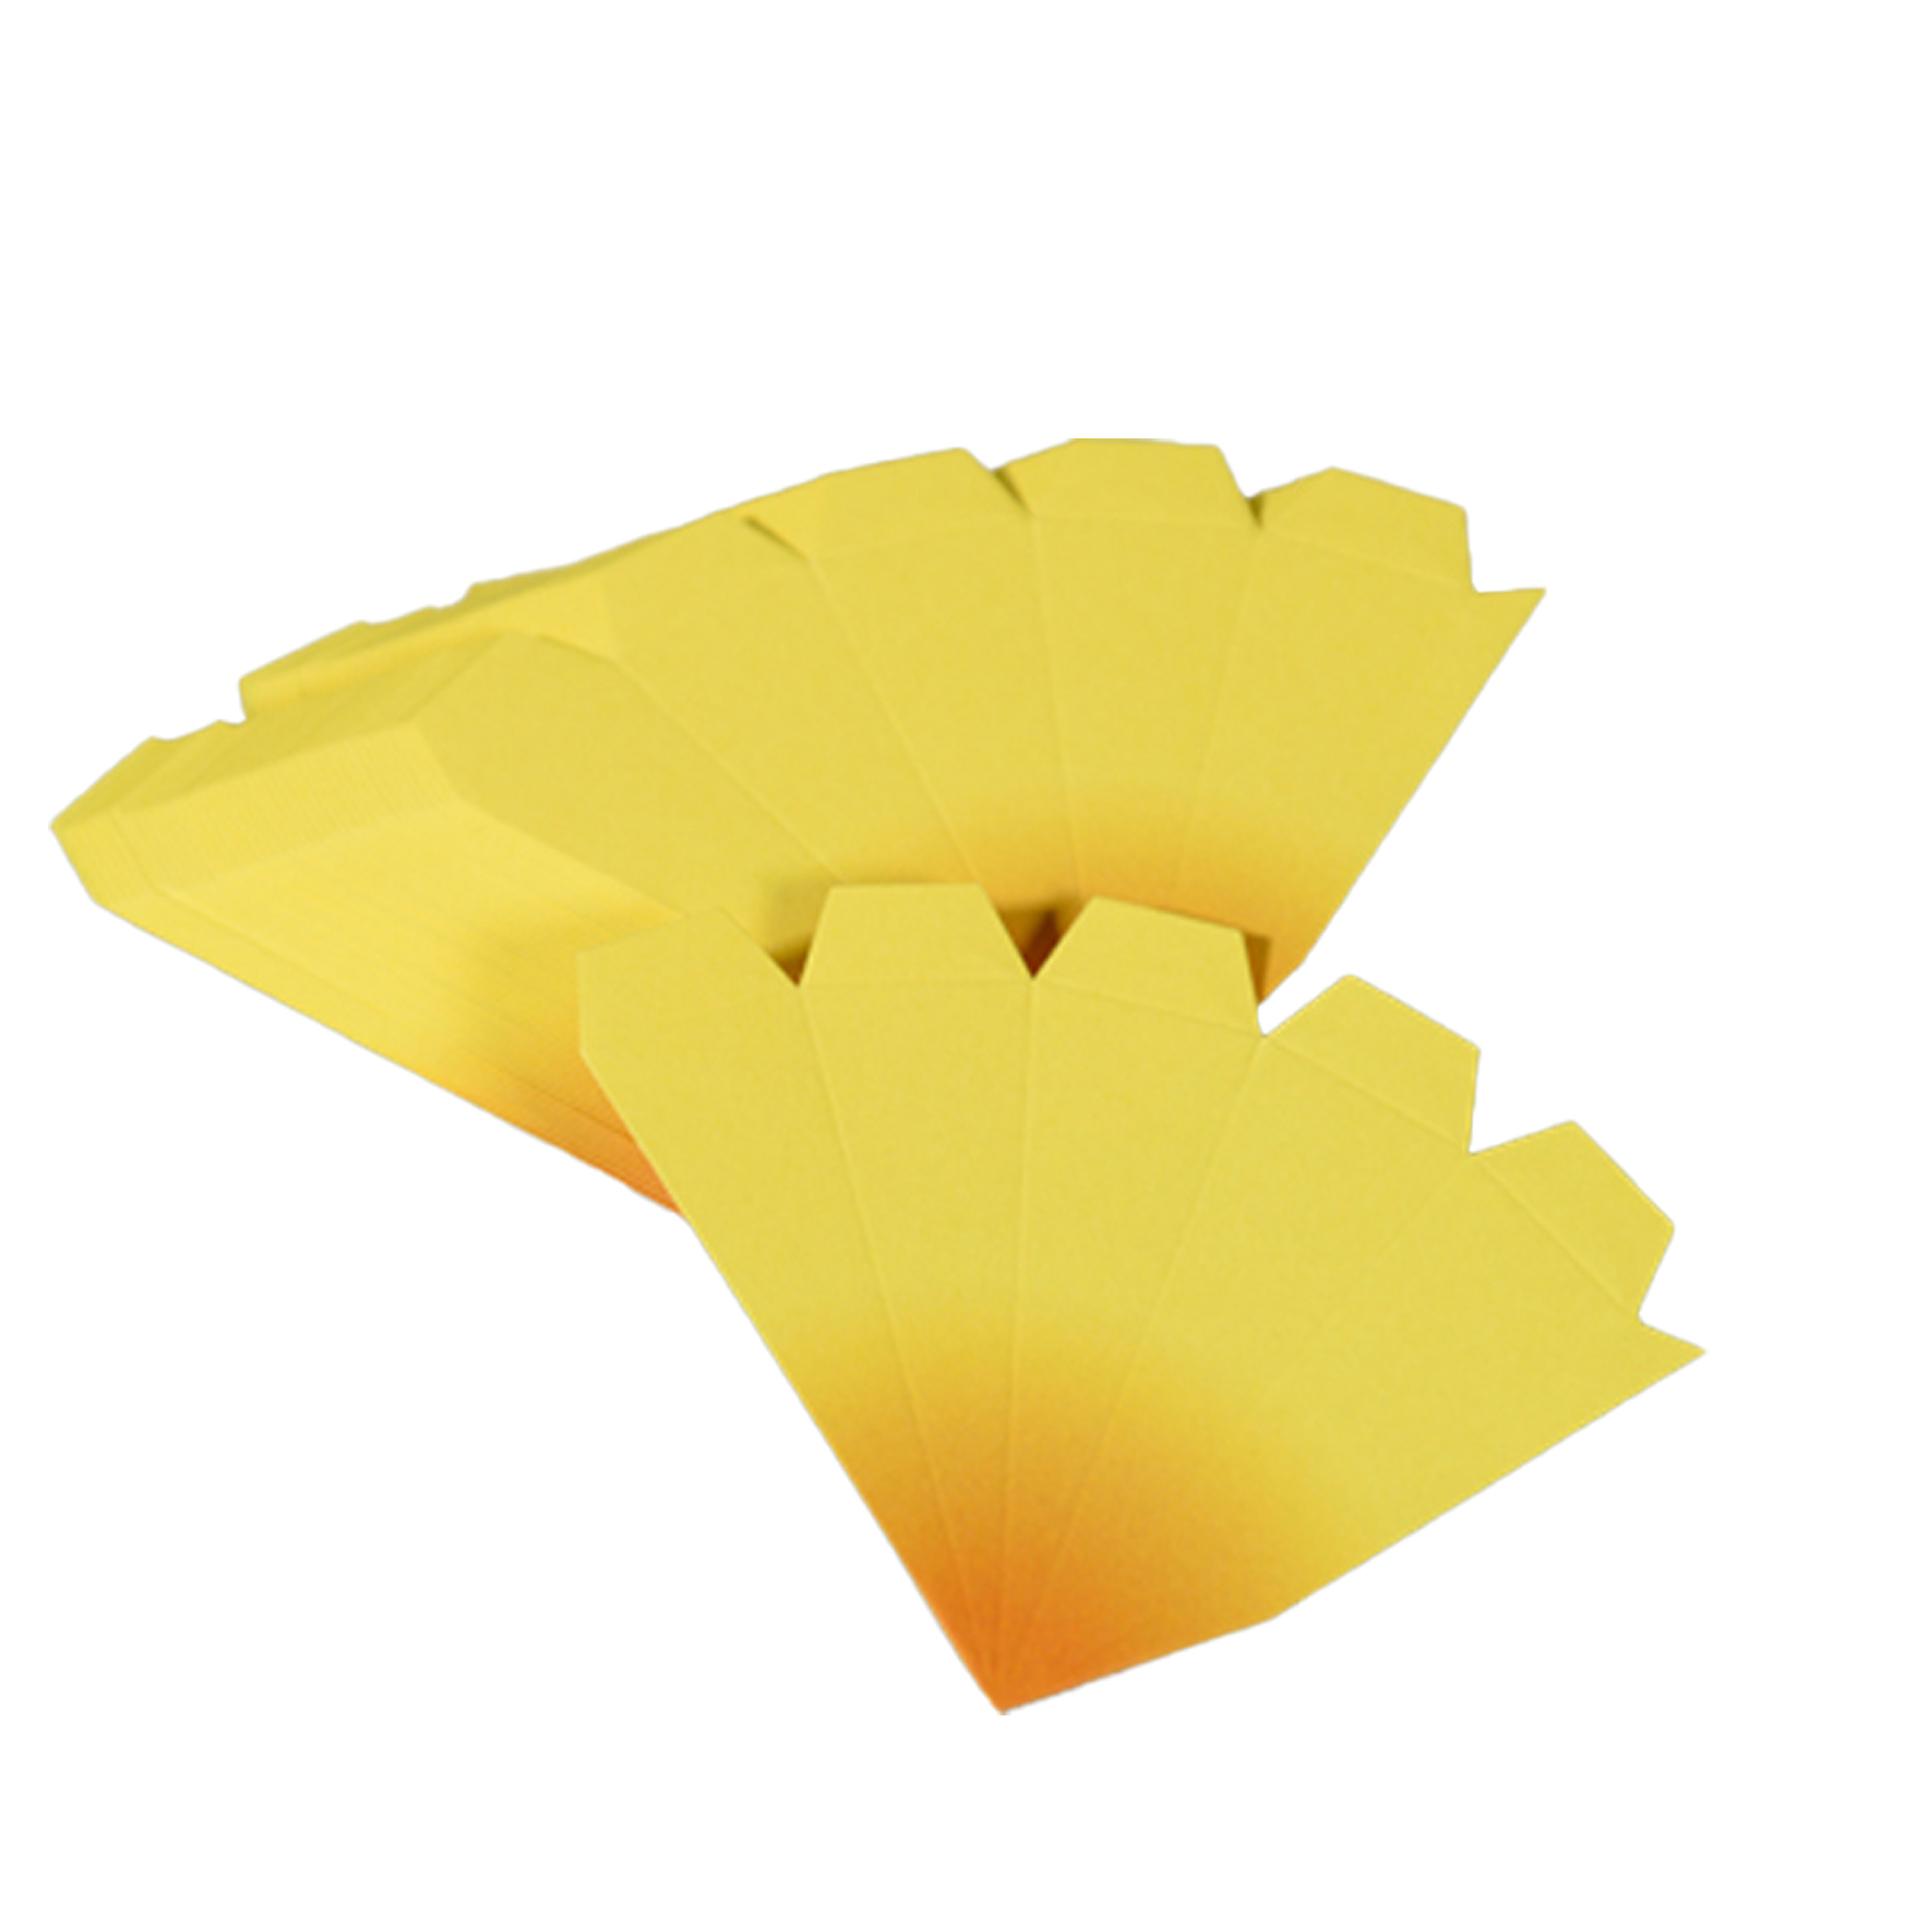 Bausatz für Adventssterne, 3er Set gelb mit orangenen Spitzen